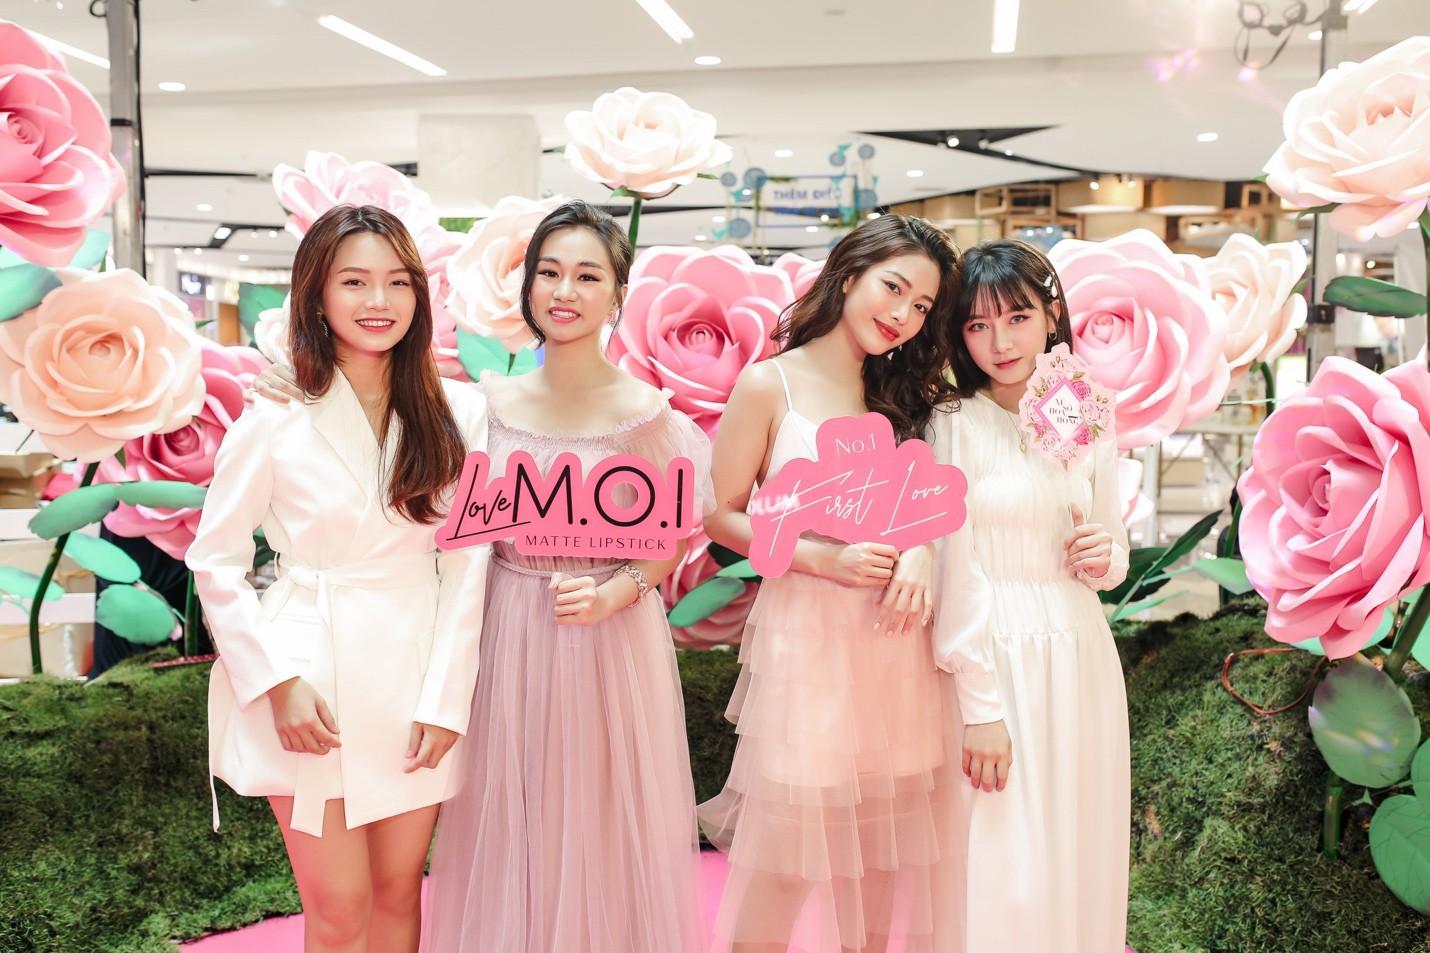 Địa điểm mới với sắc hồng toàn tập của M.O.I làm các quý cô yêu màu hường mê mẩn - Ảnh 1.